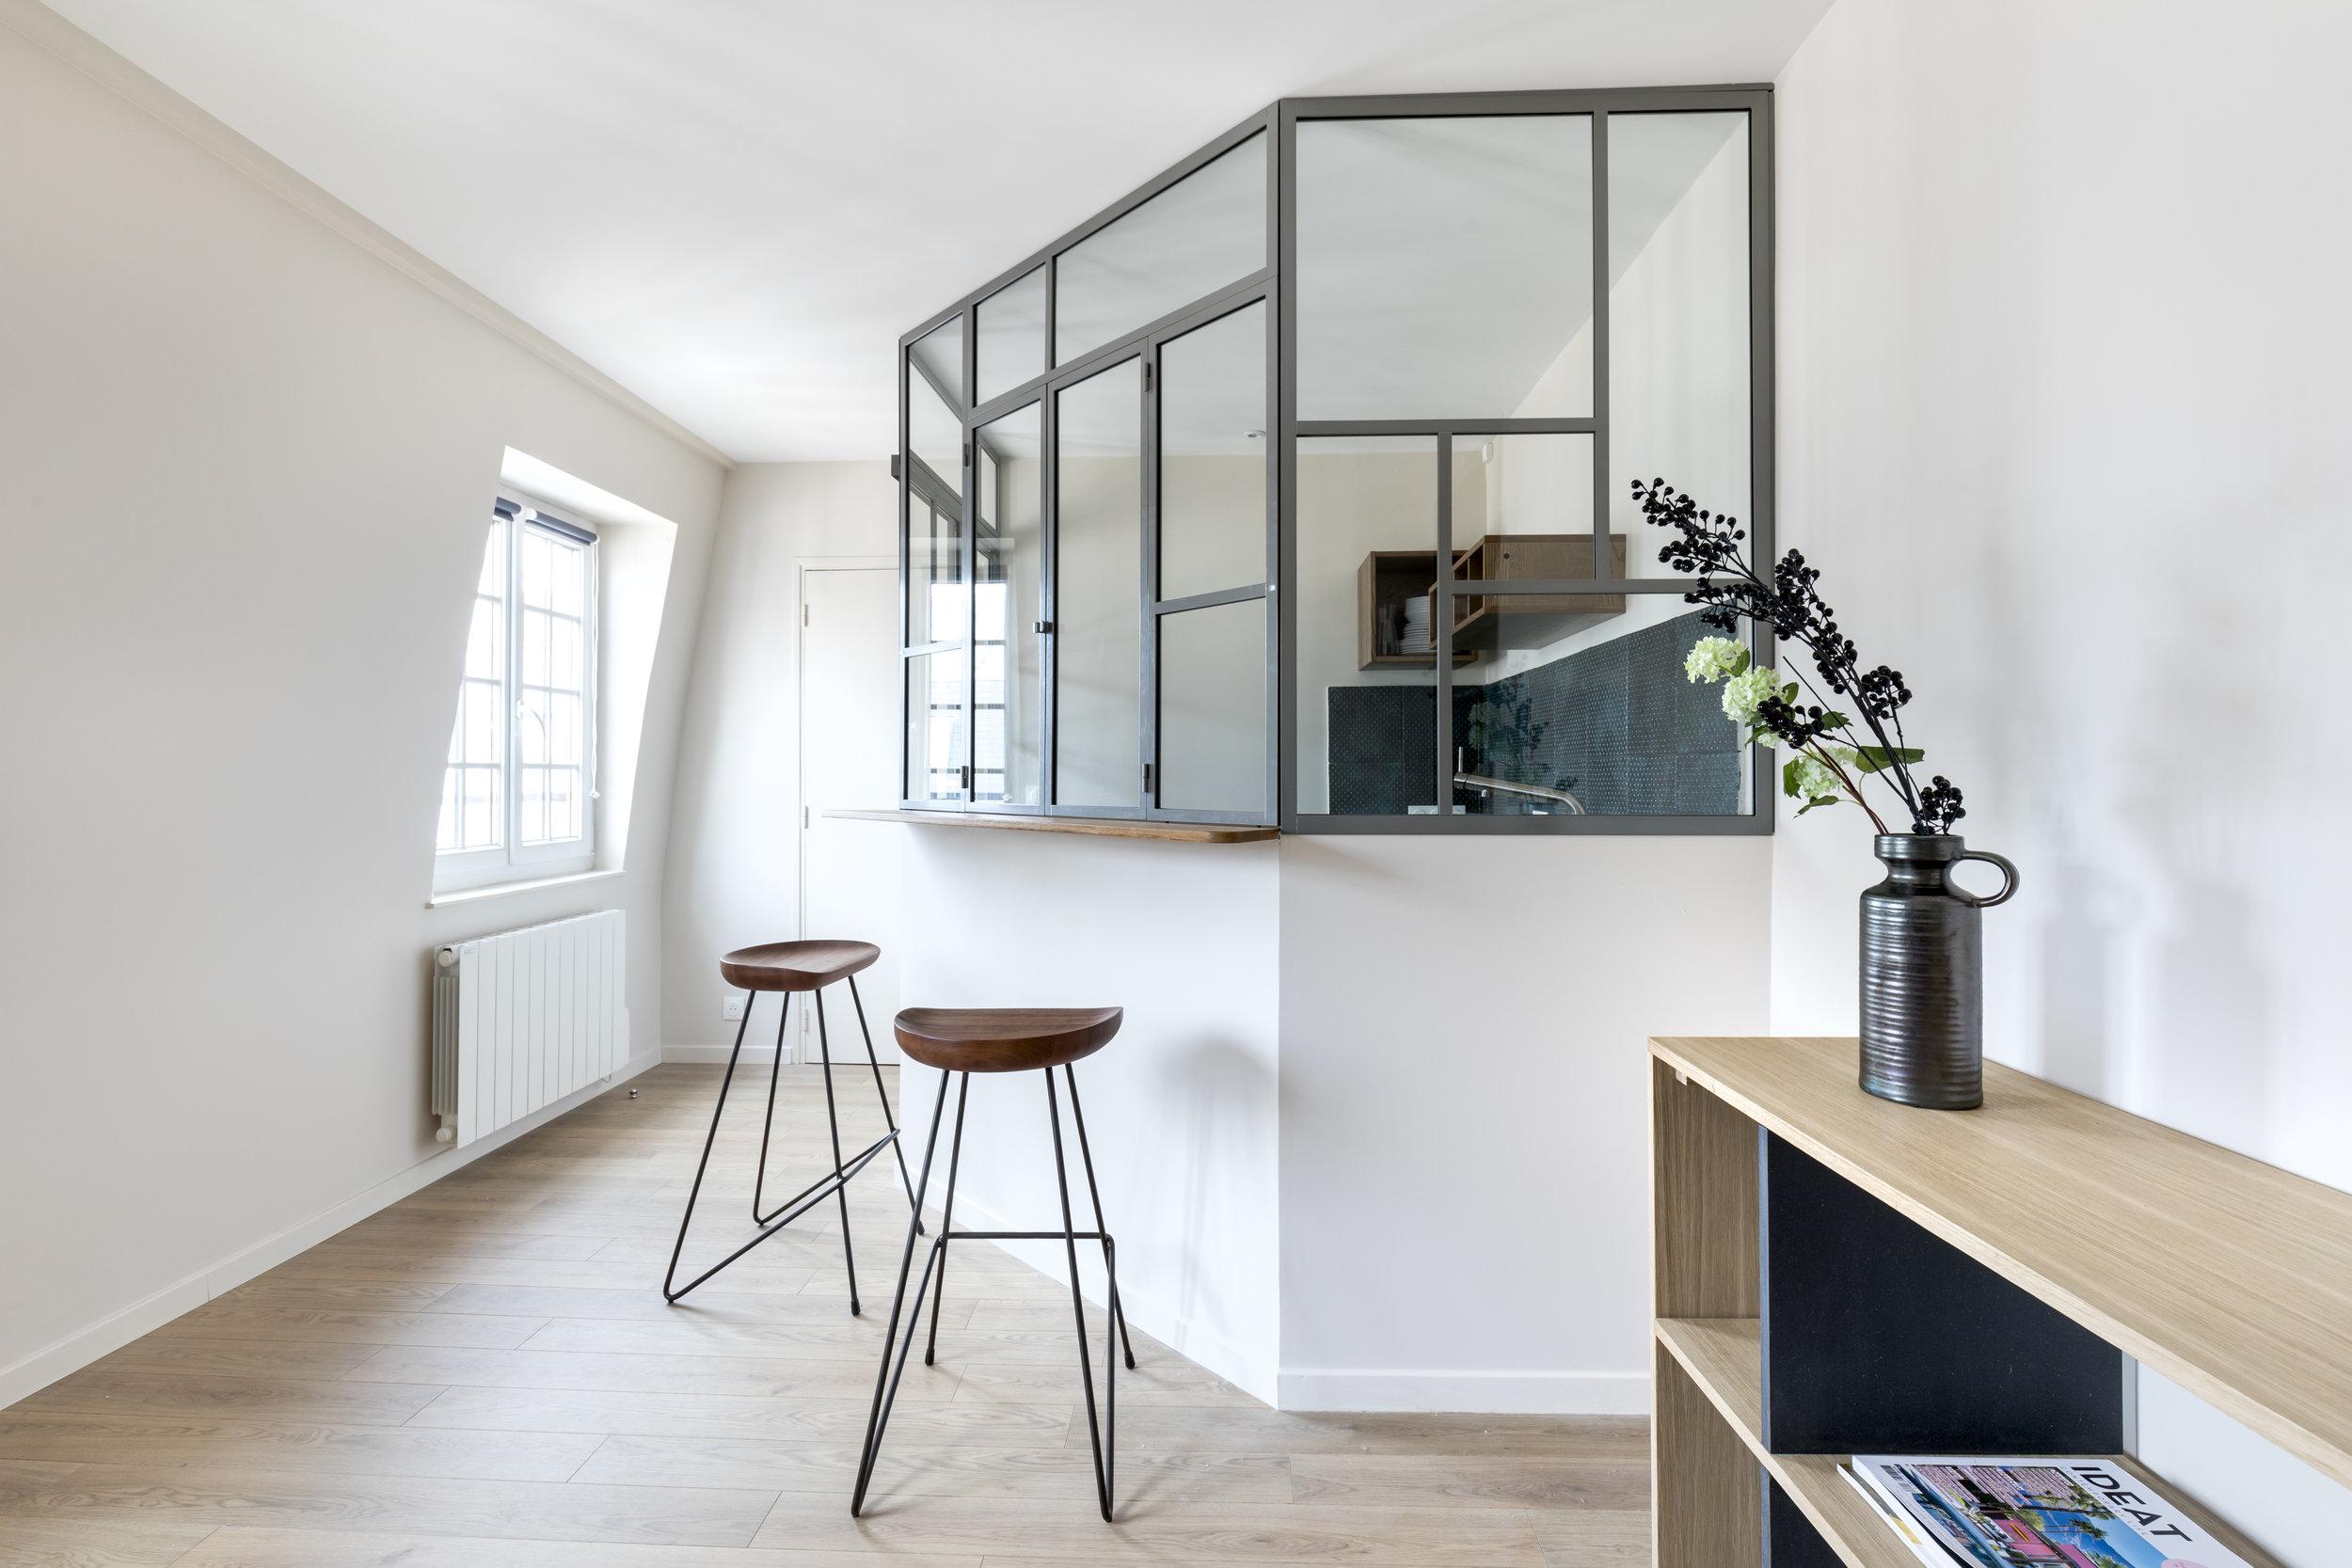 Verrière sur-mesure type atelier en métal avec ouvrants pour séparer la cuisine et le salon avec des assises en bois massif travaillées